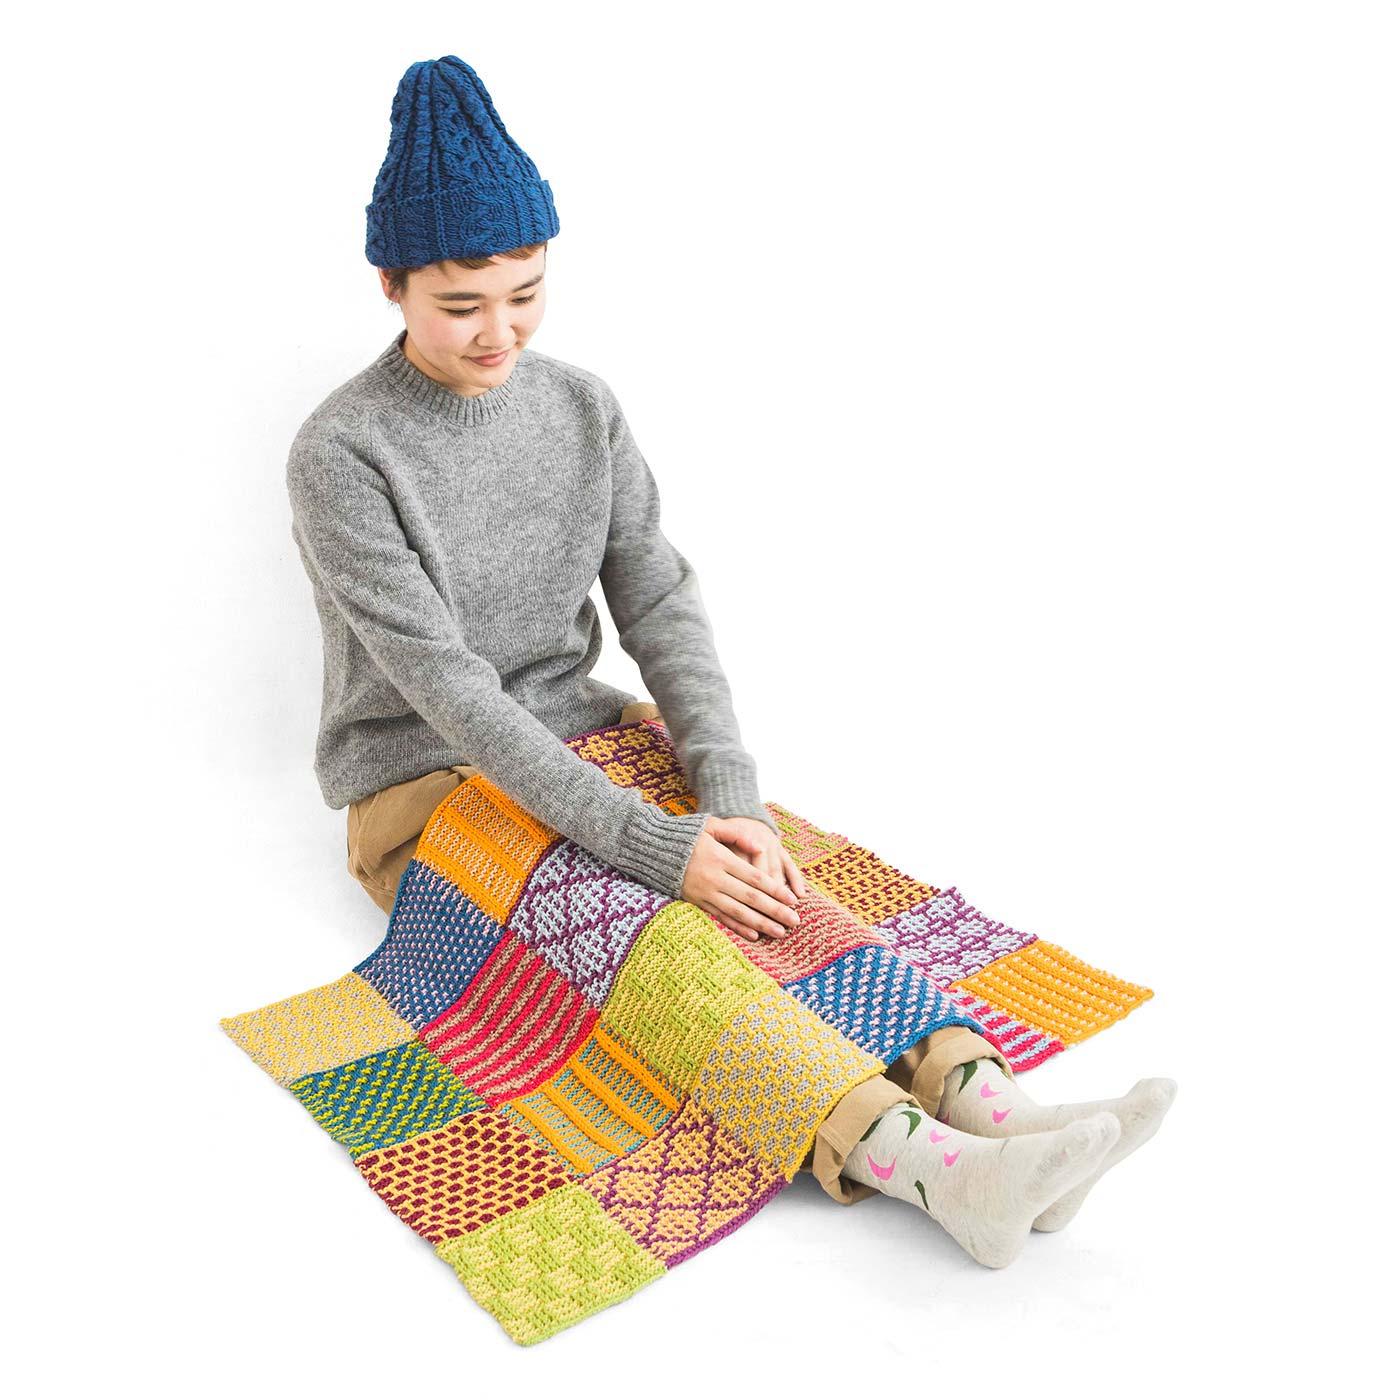 24枚全部編みつなげると、ひざ掛けにぴったりのサイズに。